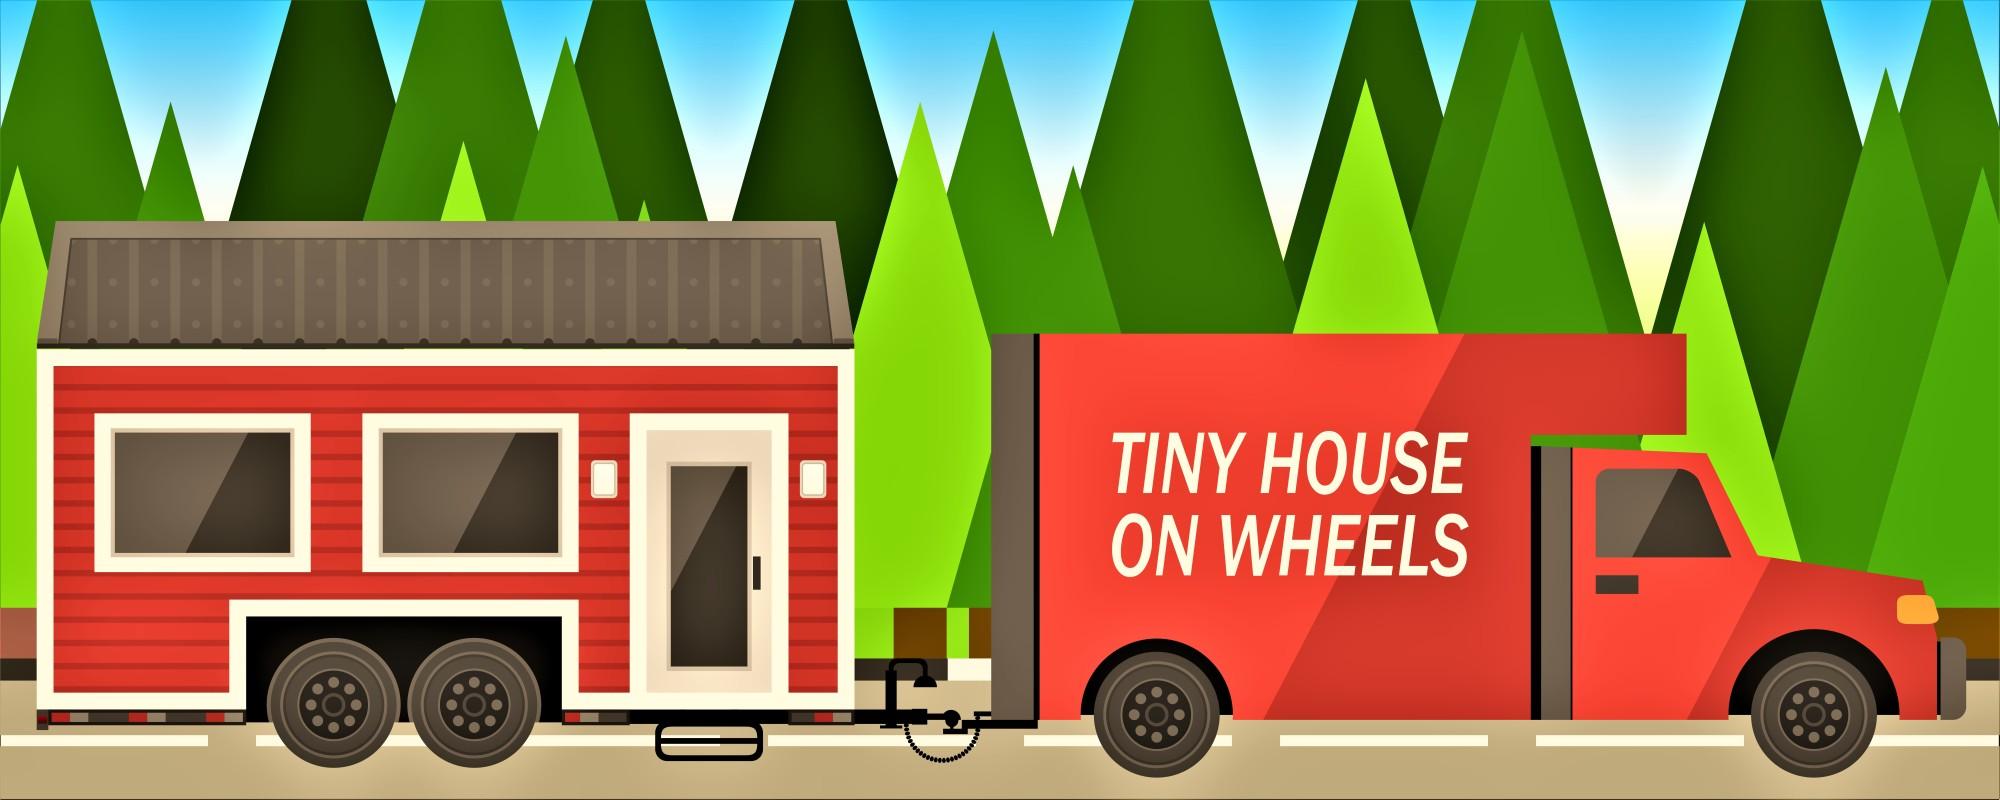 Cartoon truck pulling tiny house